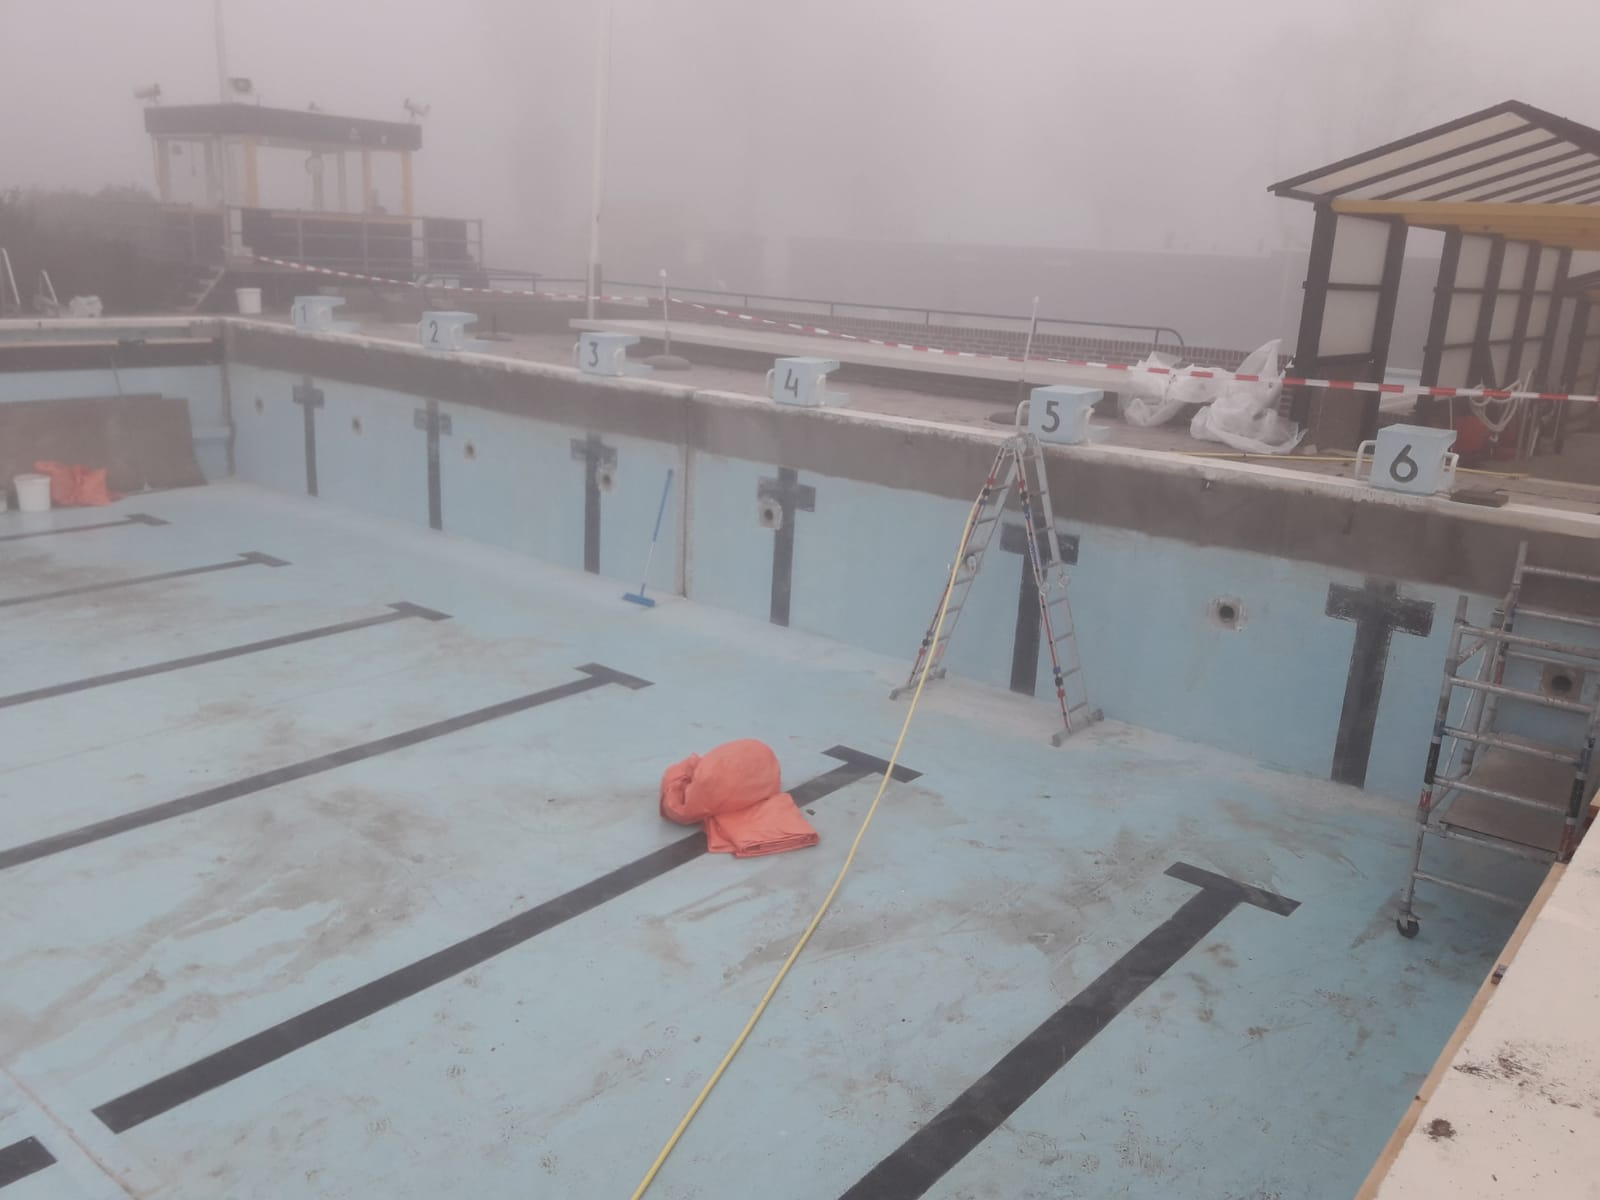 Vervangen van het wandtegelwerk van zwembad De Delte